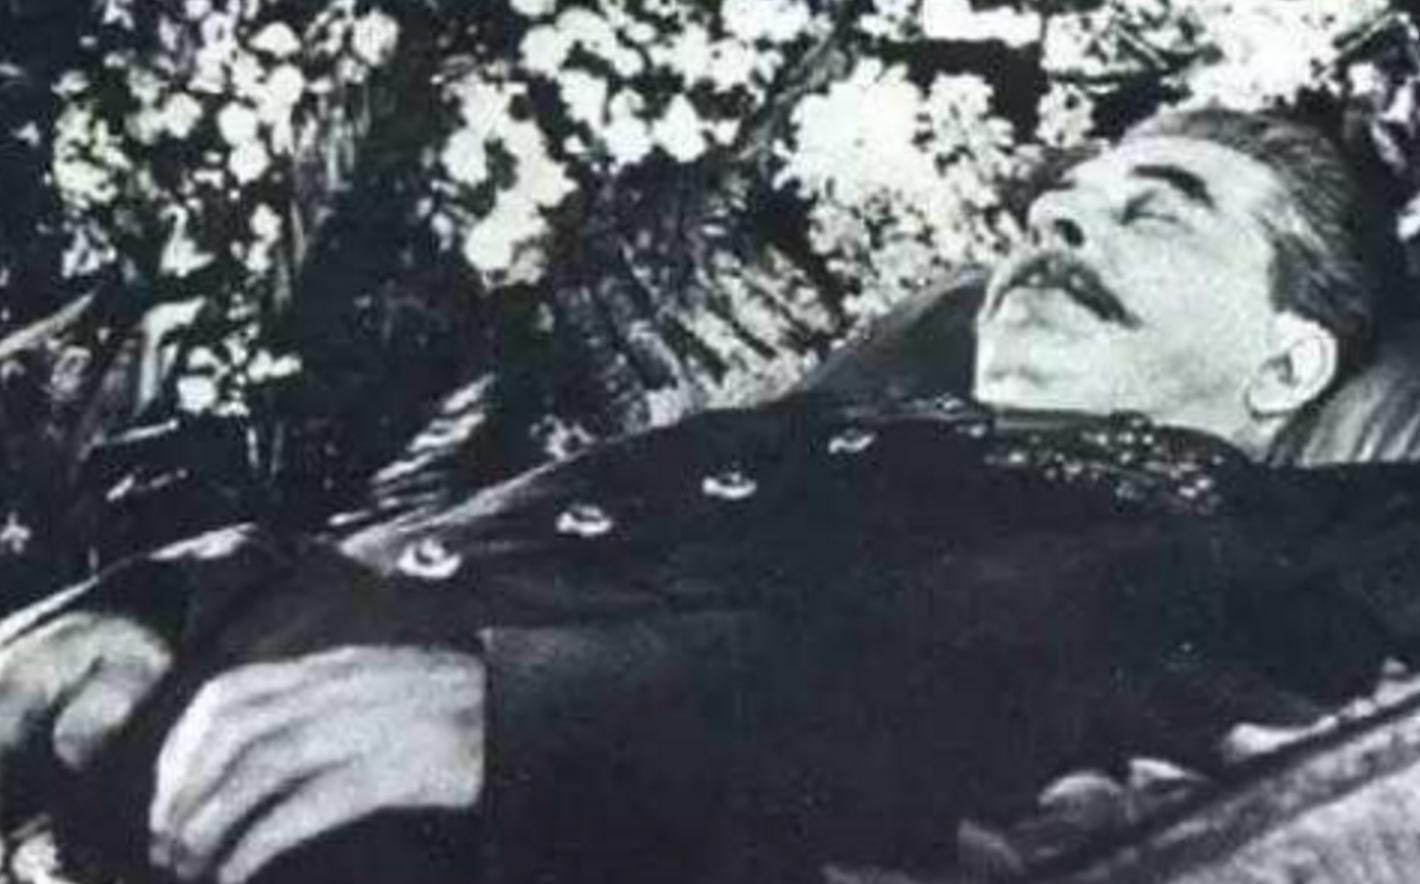 斯大林去世后8年, 遗体从列宁墓移出, 改葬到了此处